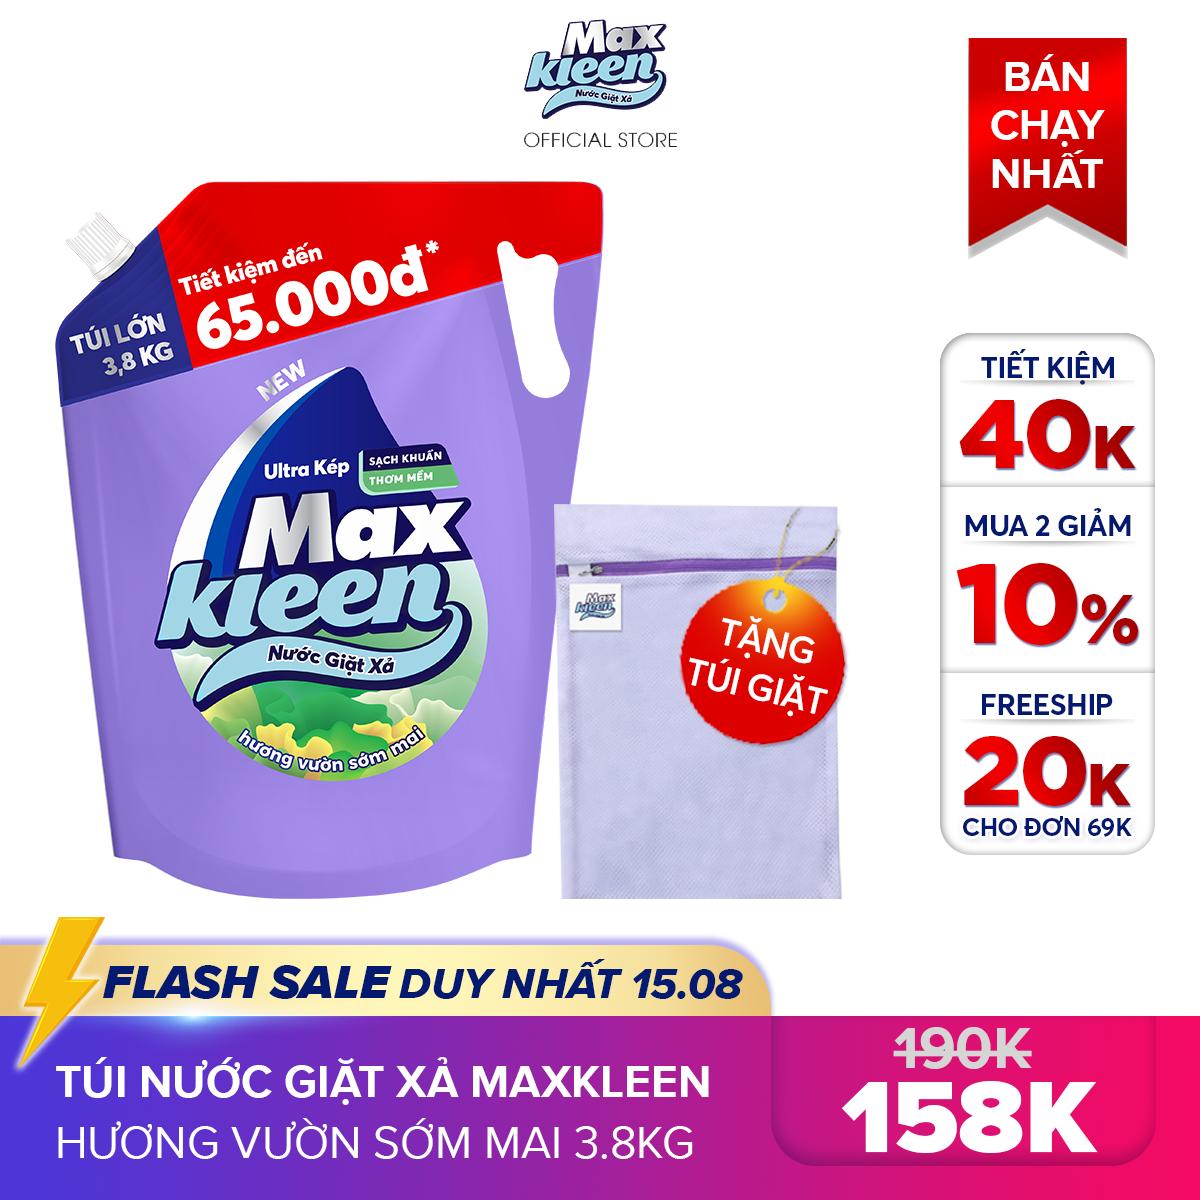 [MIỄN PHÍ VẬN CHUYỂN 20K + MUA 2 GIẢM 10%] Túi Nước Giặt Xả Maxkleen Hương Vườn Sớm Mai (3.8kg/túi)